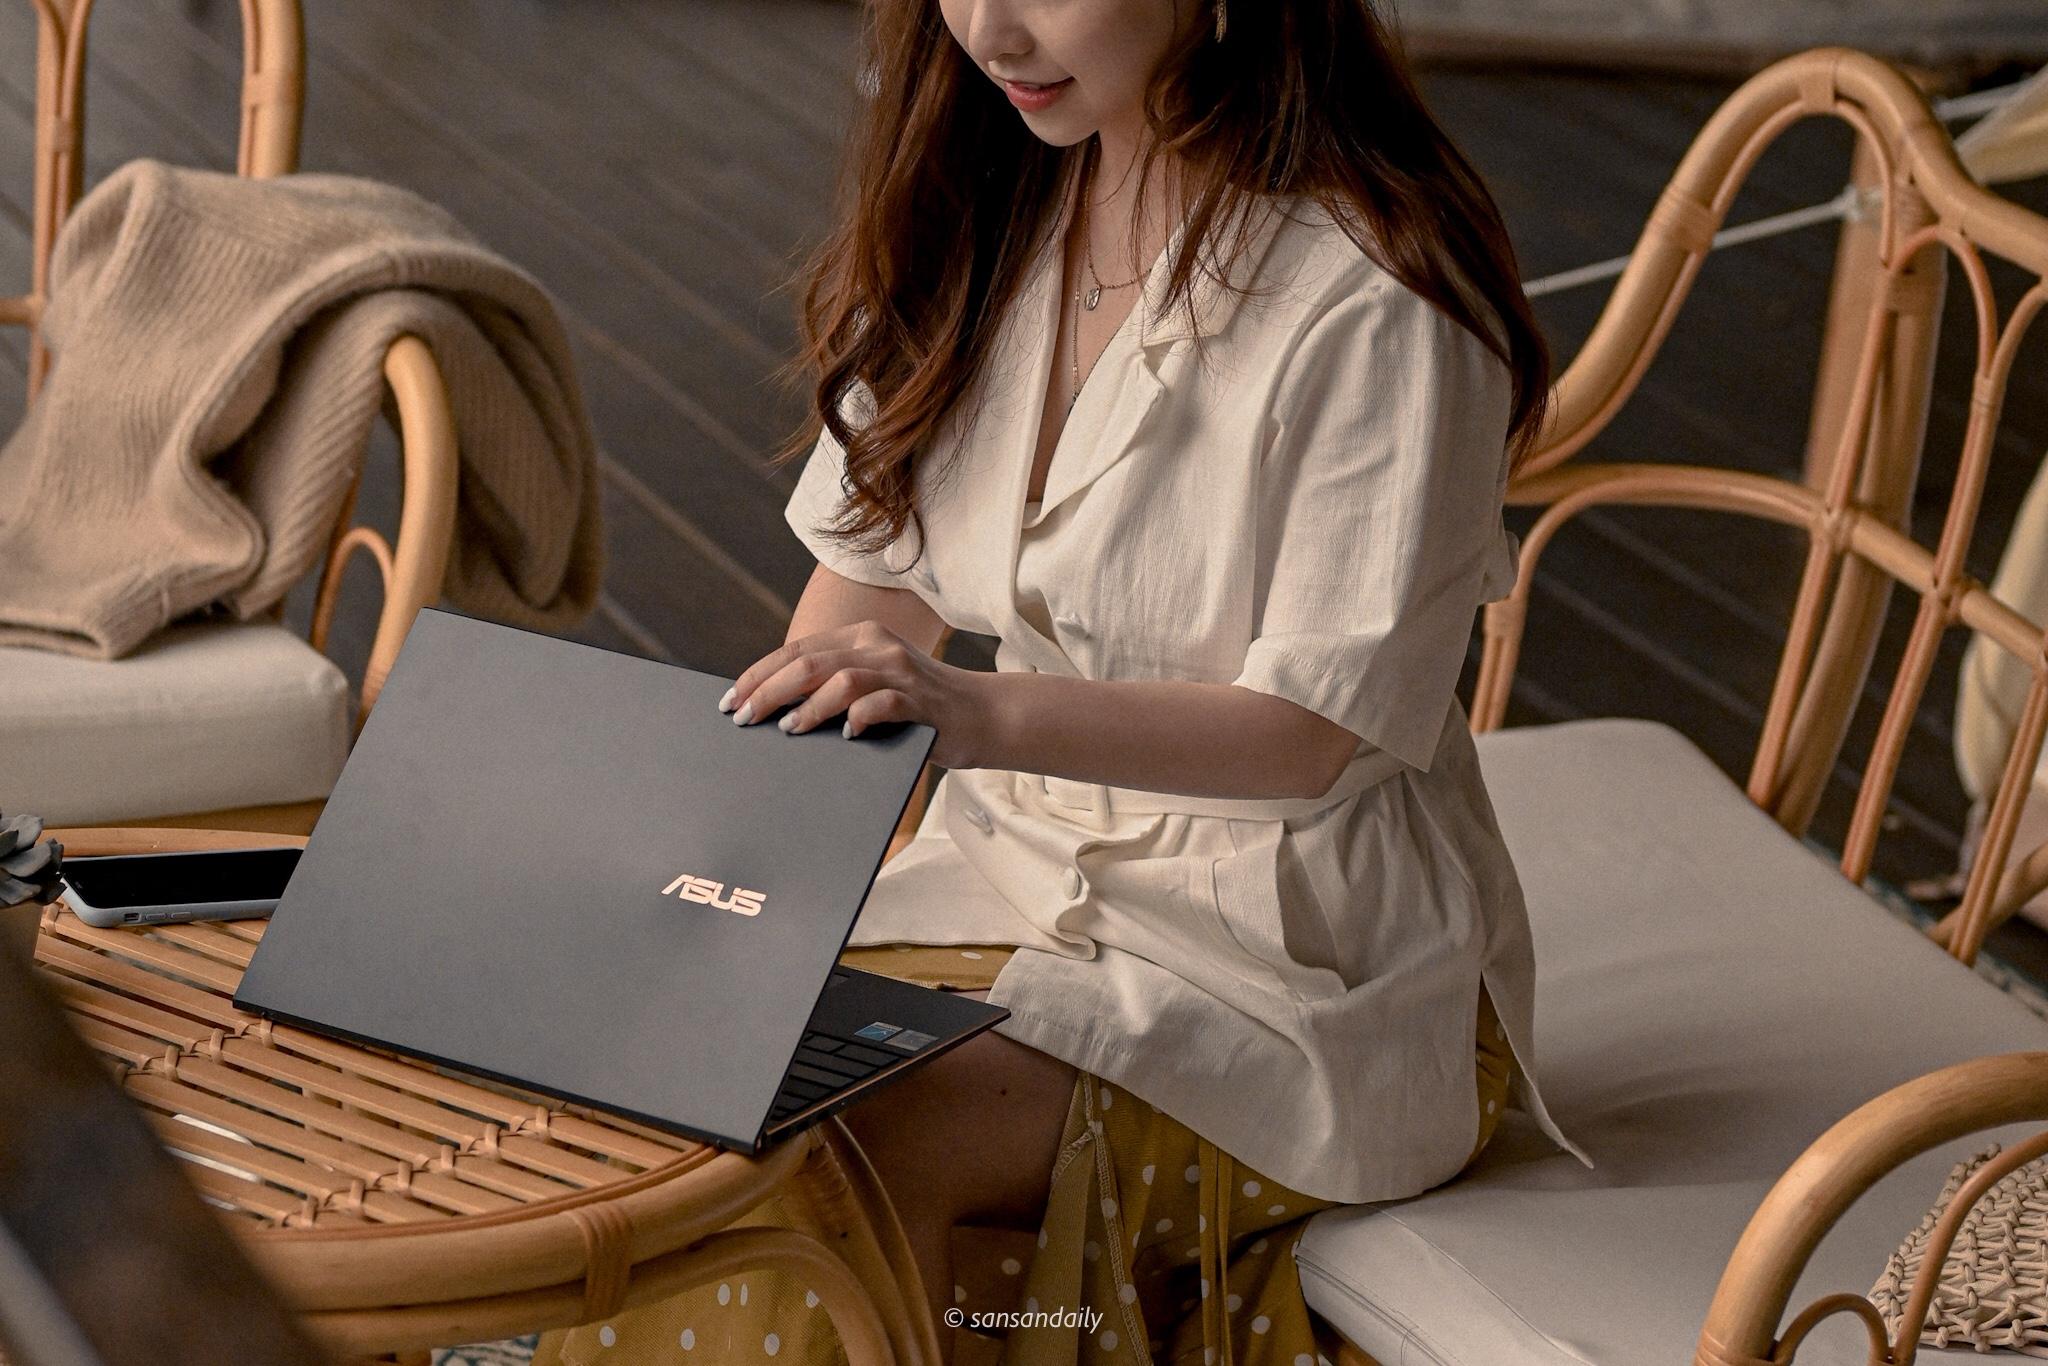 ZenBook S UX393+新開幕豪華露營地「蟬說:山中靜靜」享受生活 質感隨行!